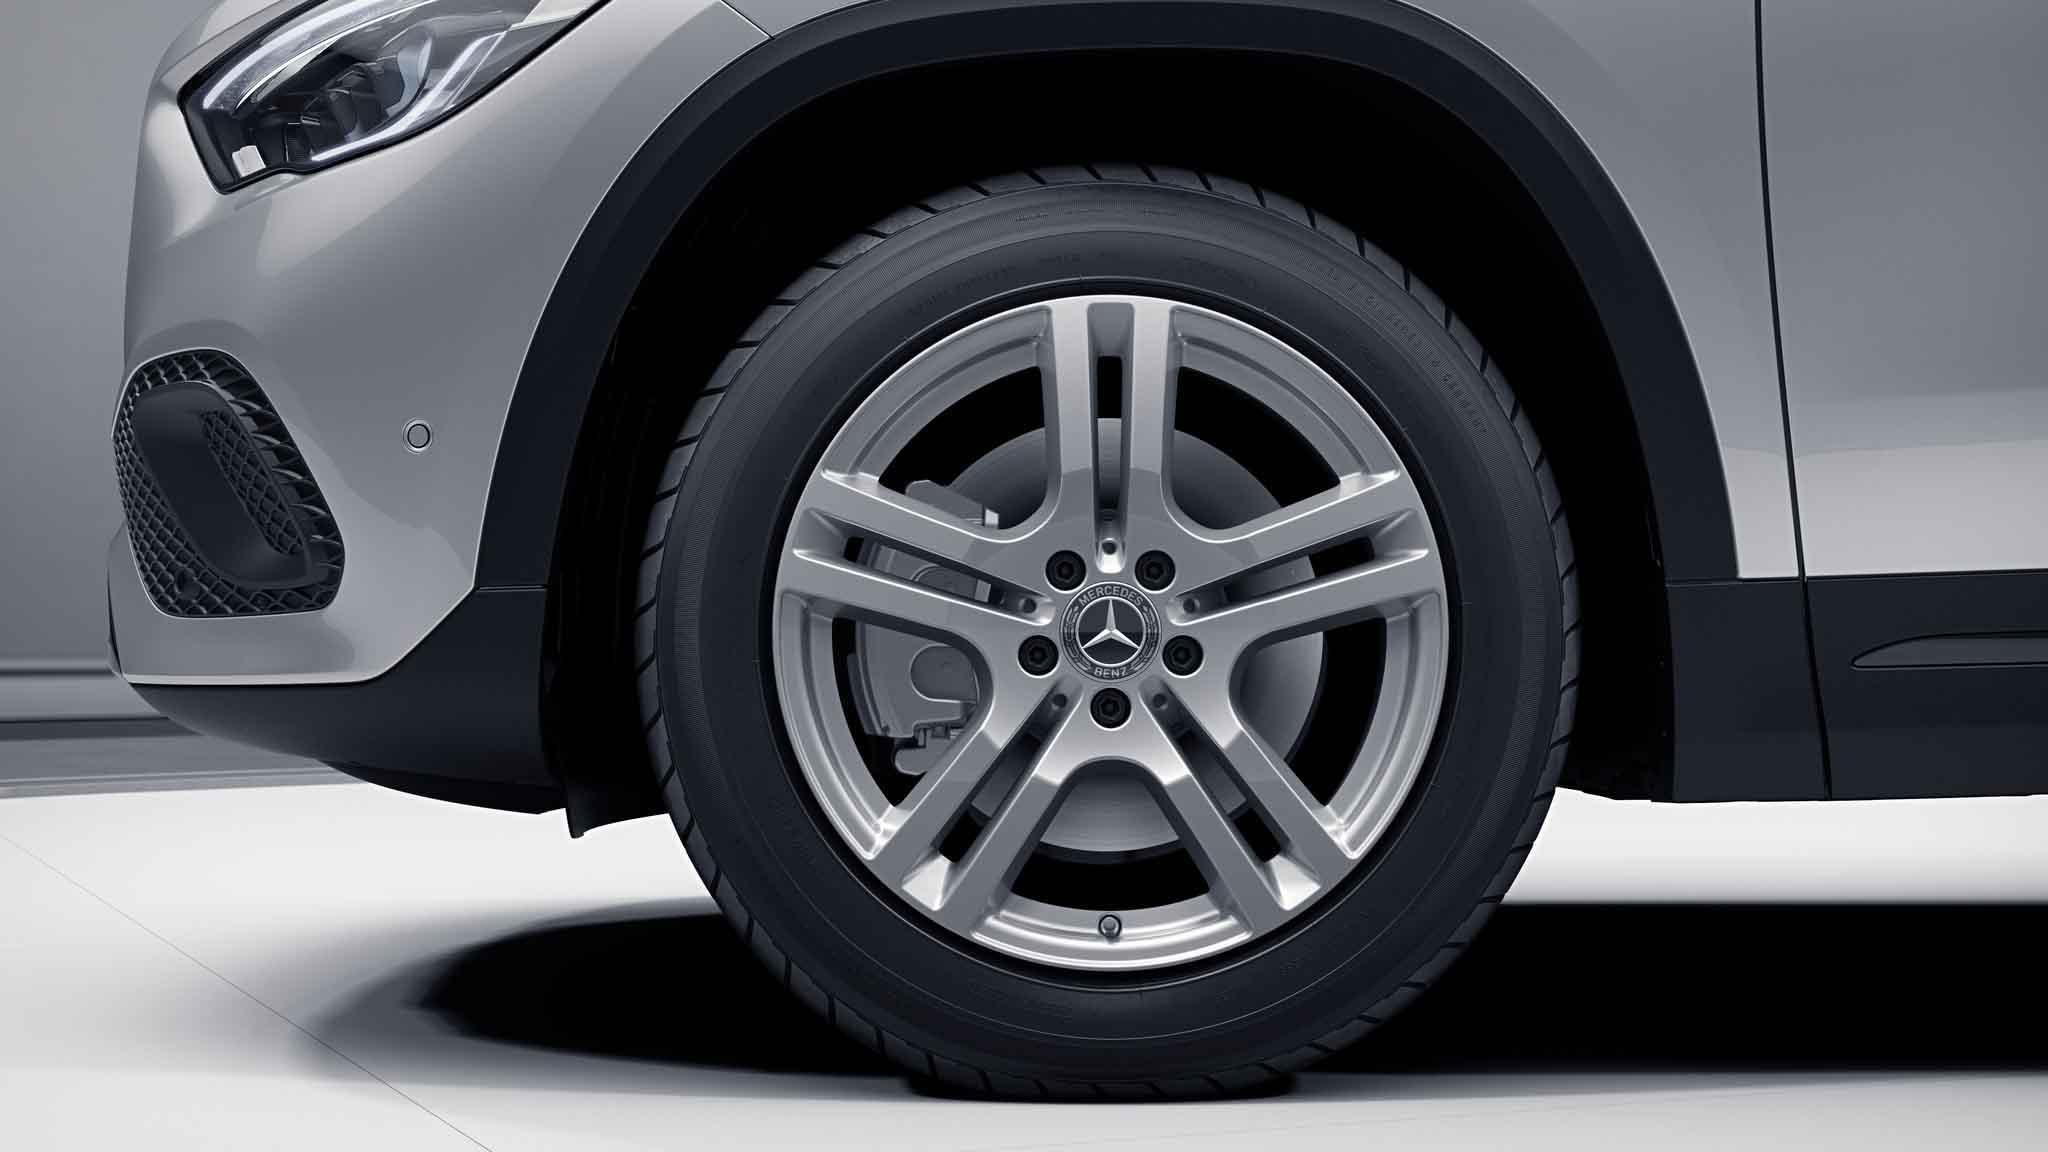 Jantes 18 à 5 doubles branches de la Mercedes-Benz GLA